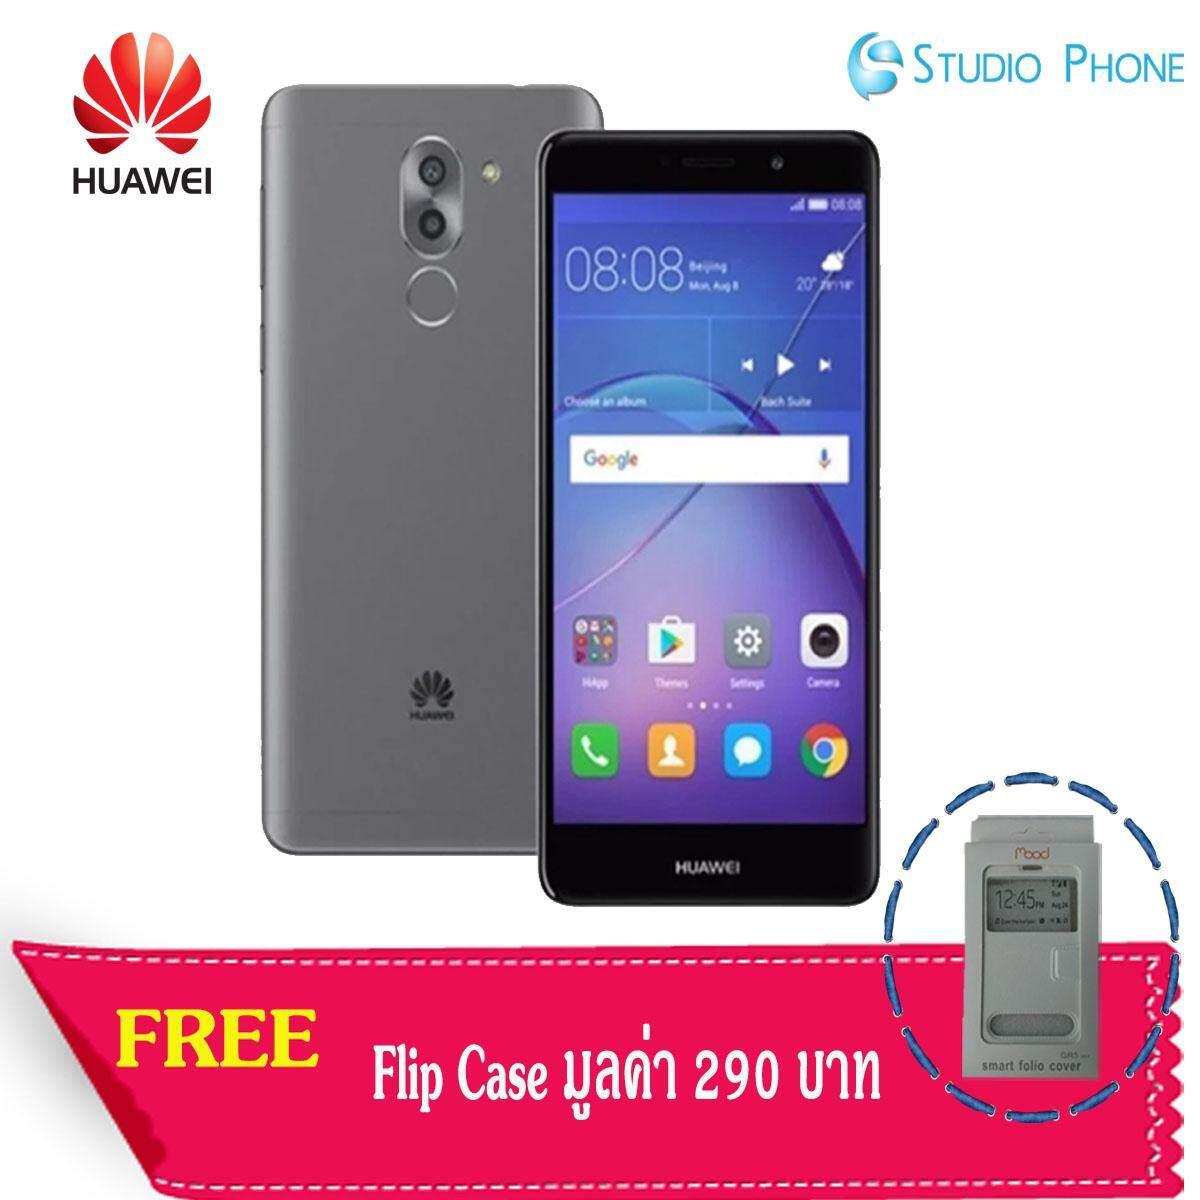 Huawei GR5 (2017) - Free Flip Case มูลค่า 290 บาท